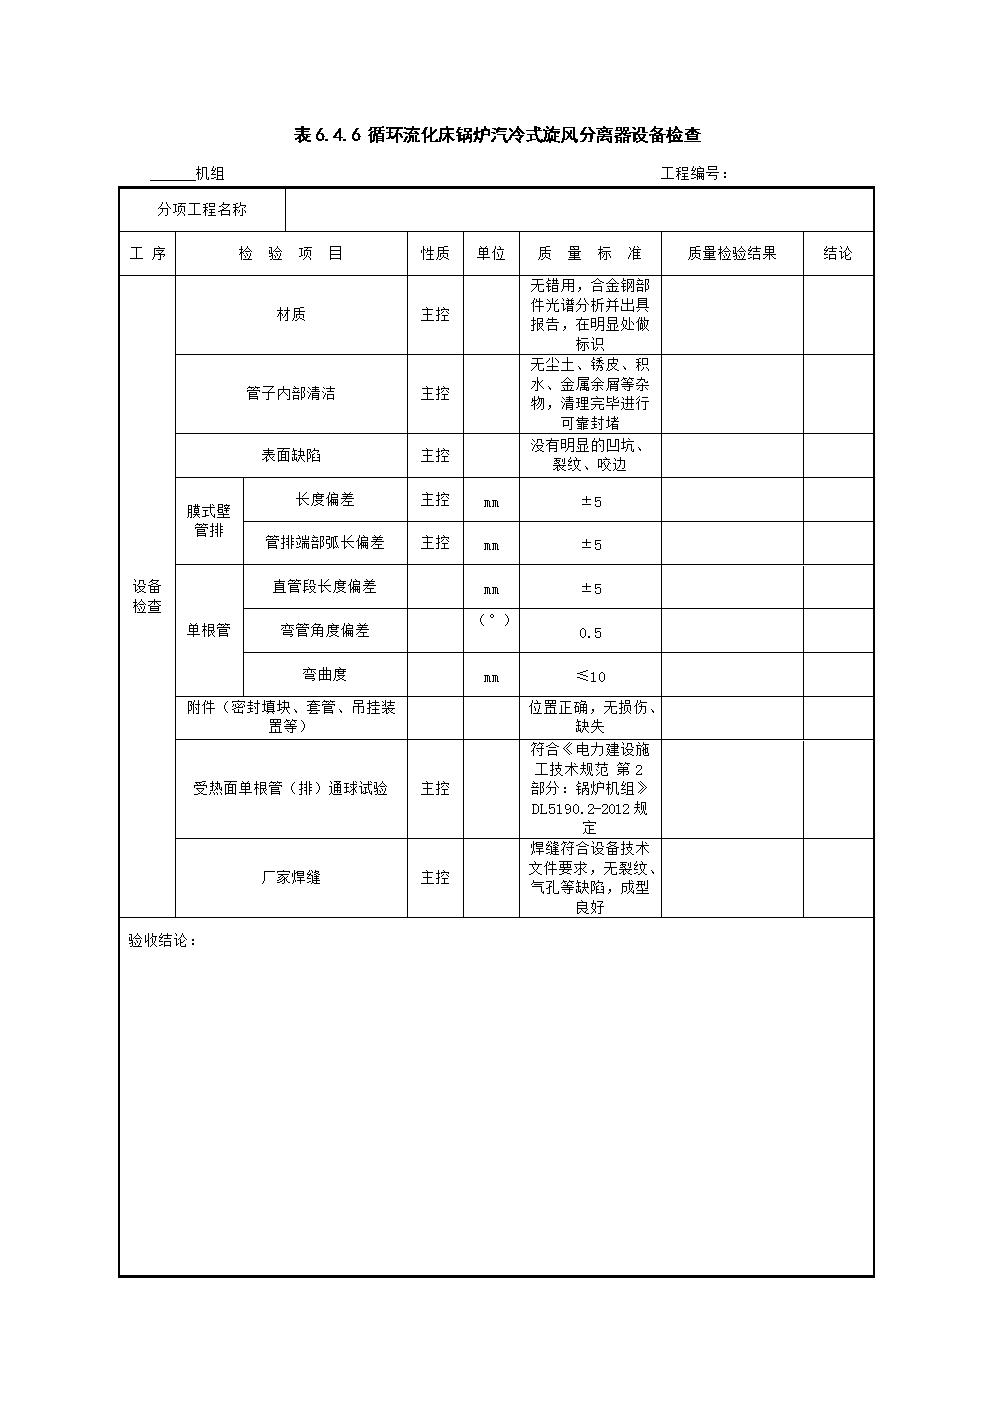 锅炉本体安装2018最新电子版表格3(DL5210.2-2018).doc